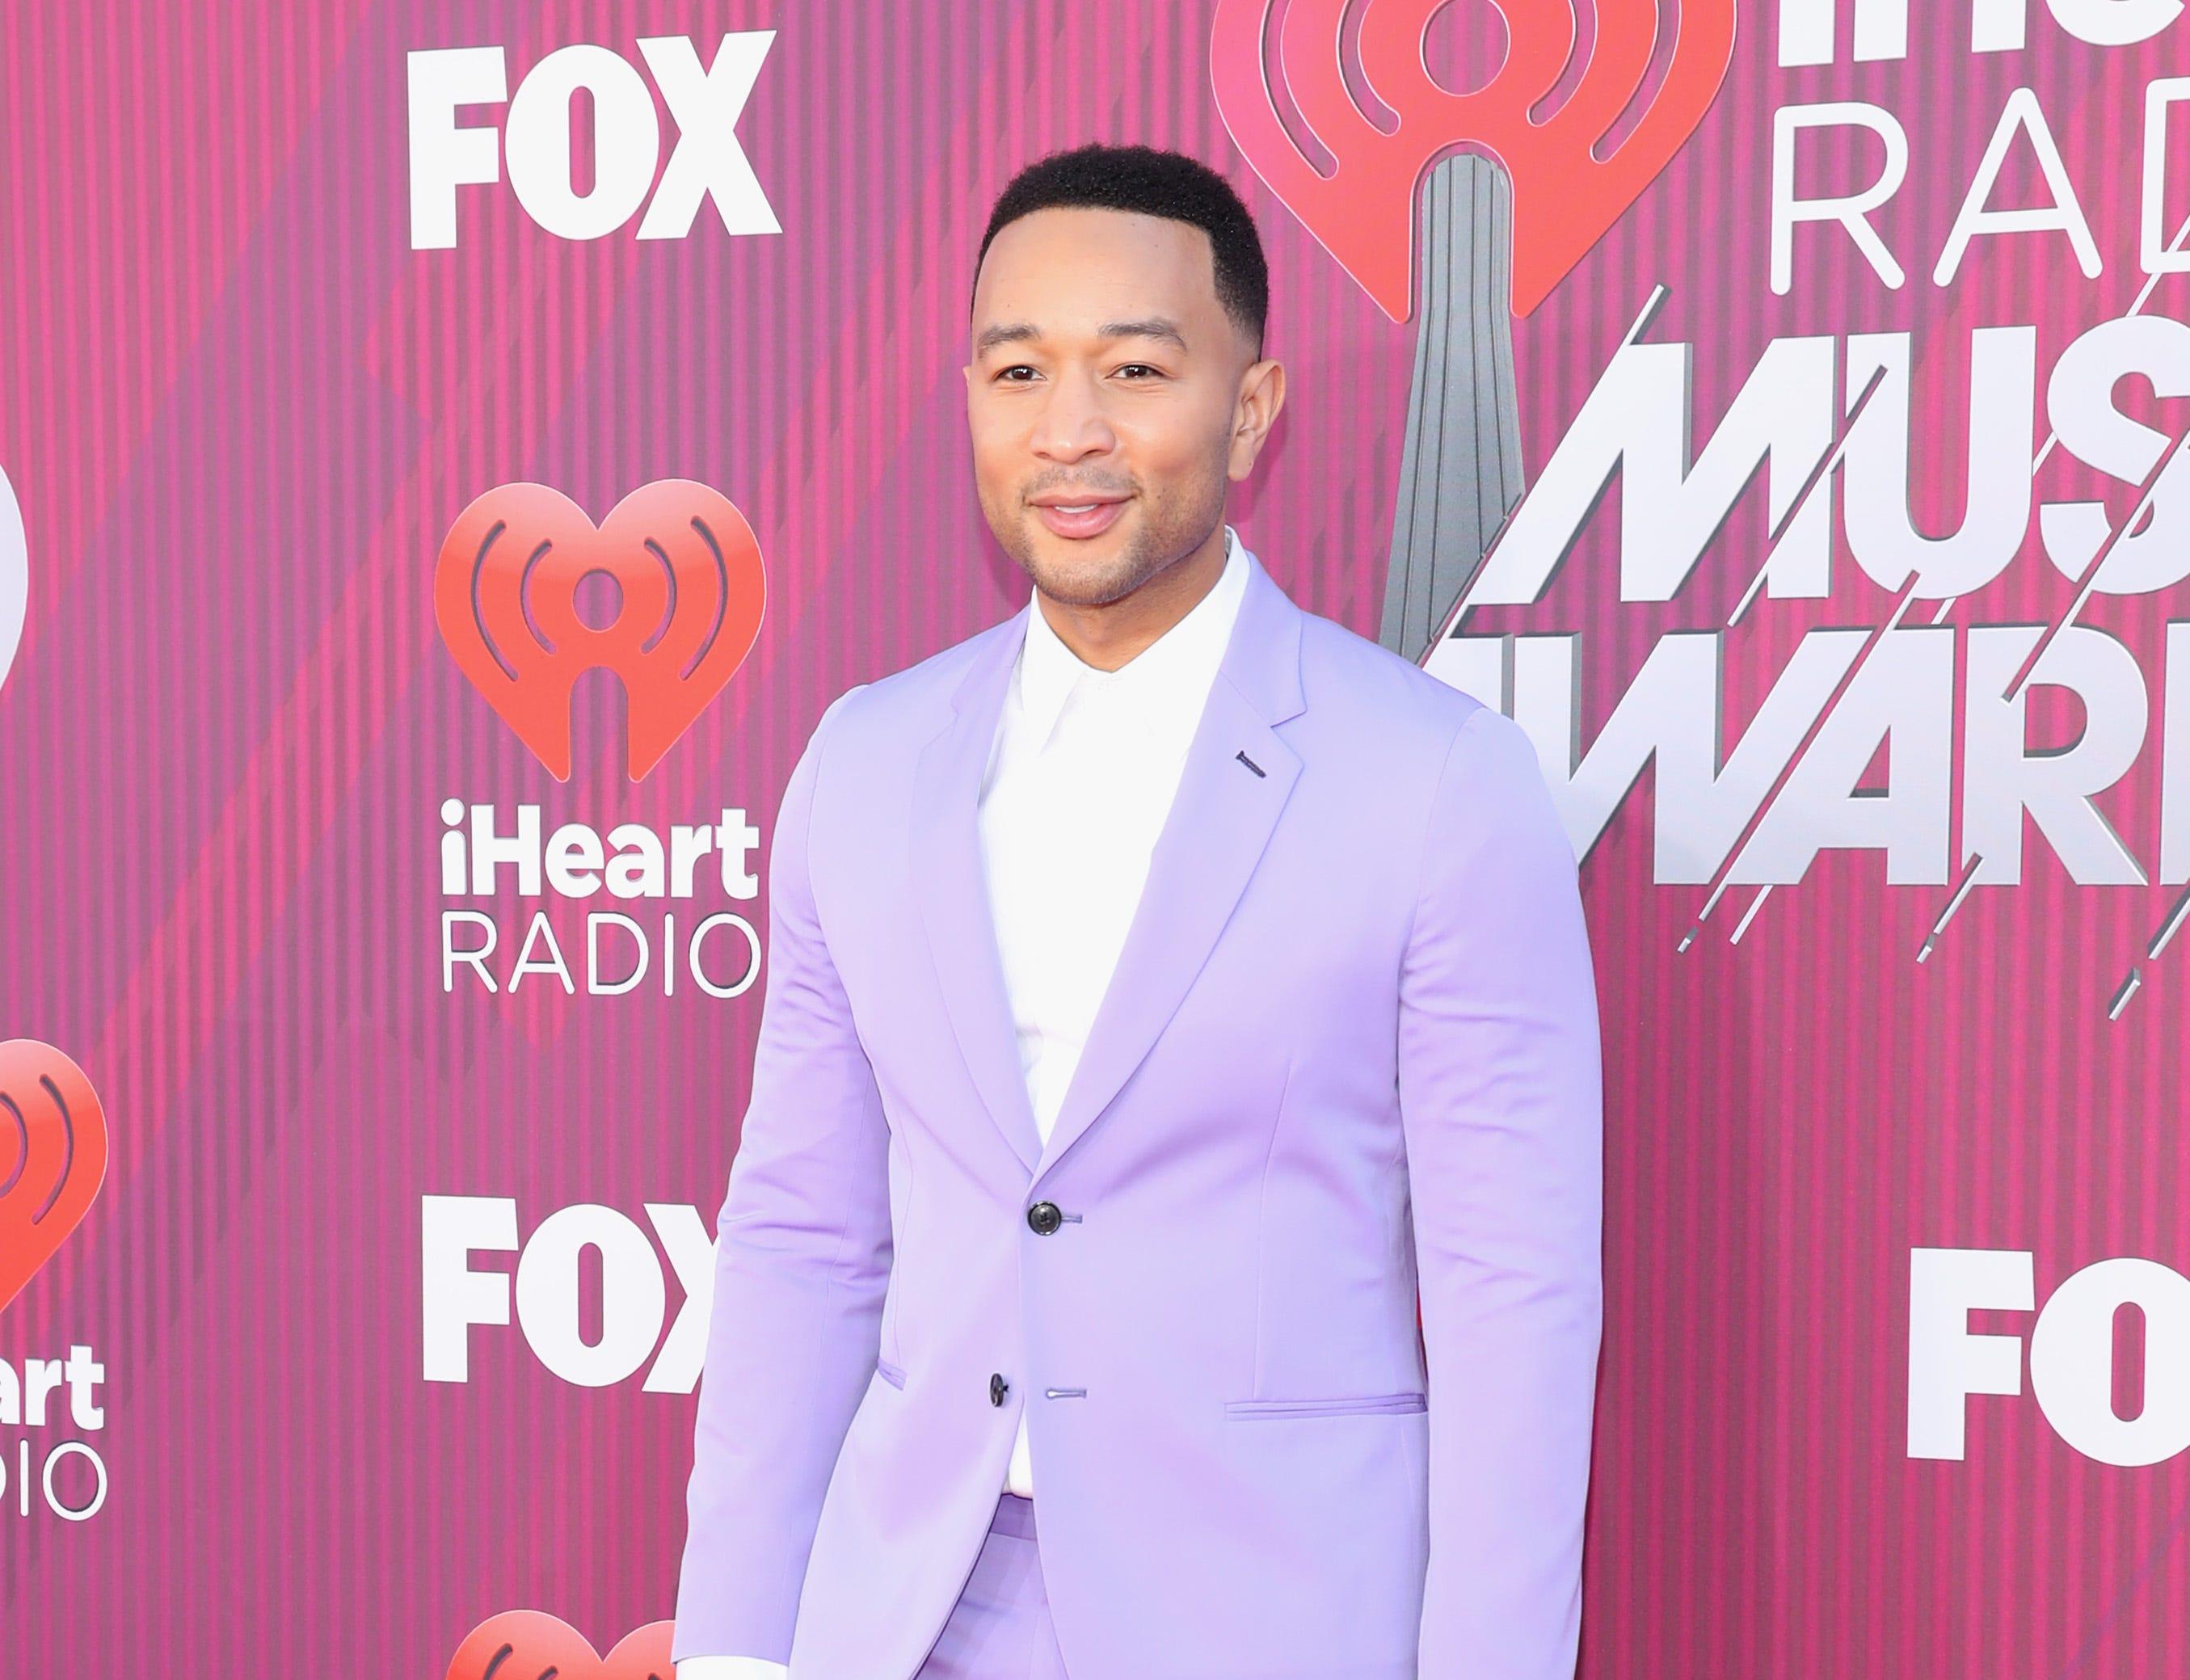 John Legend a su llegada a los premios iHeart Radio Music Awards en 2019 el 14 de marzo de 2019 en Los Angeles, California.